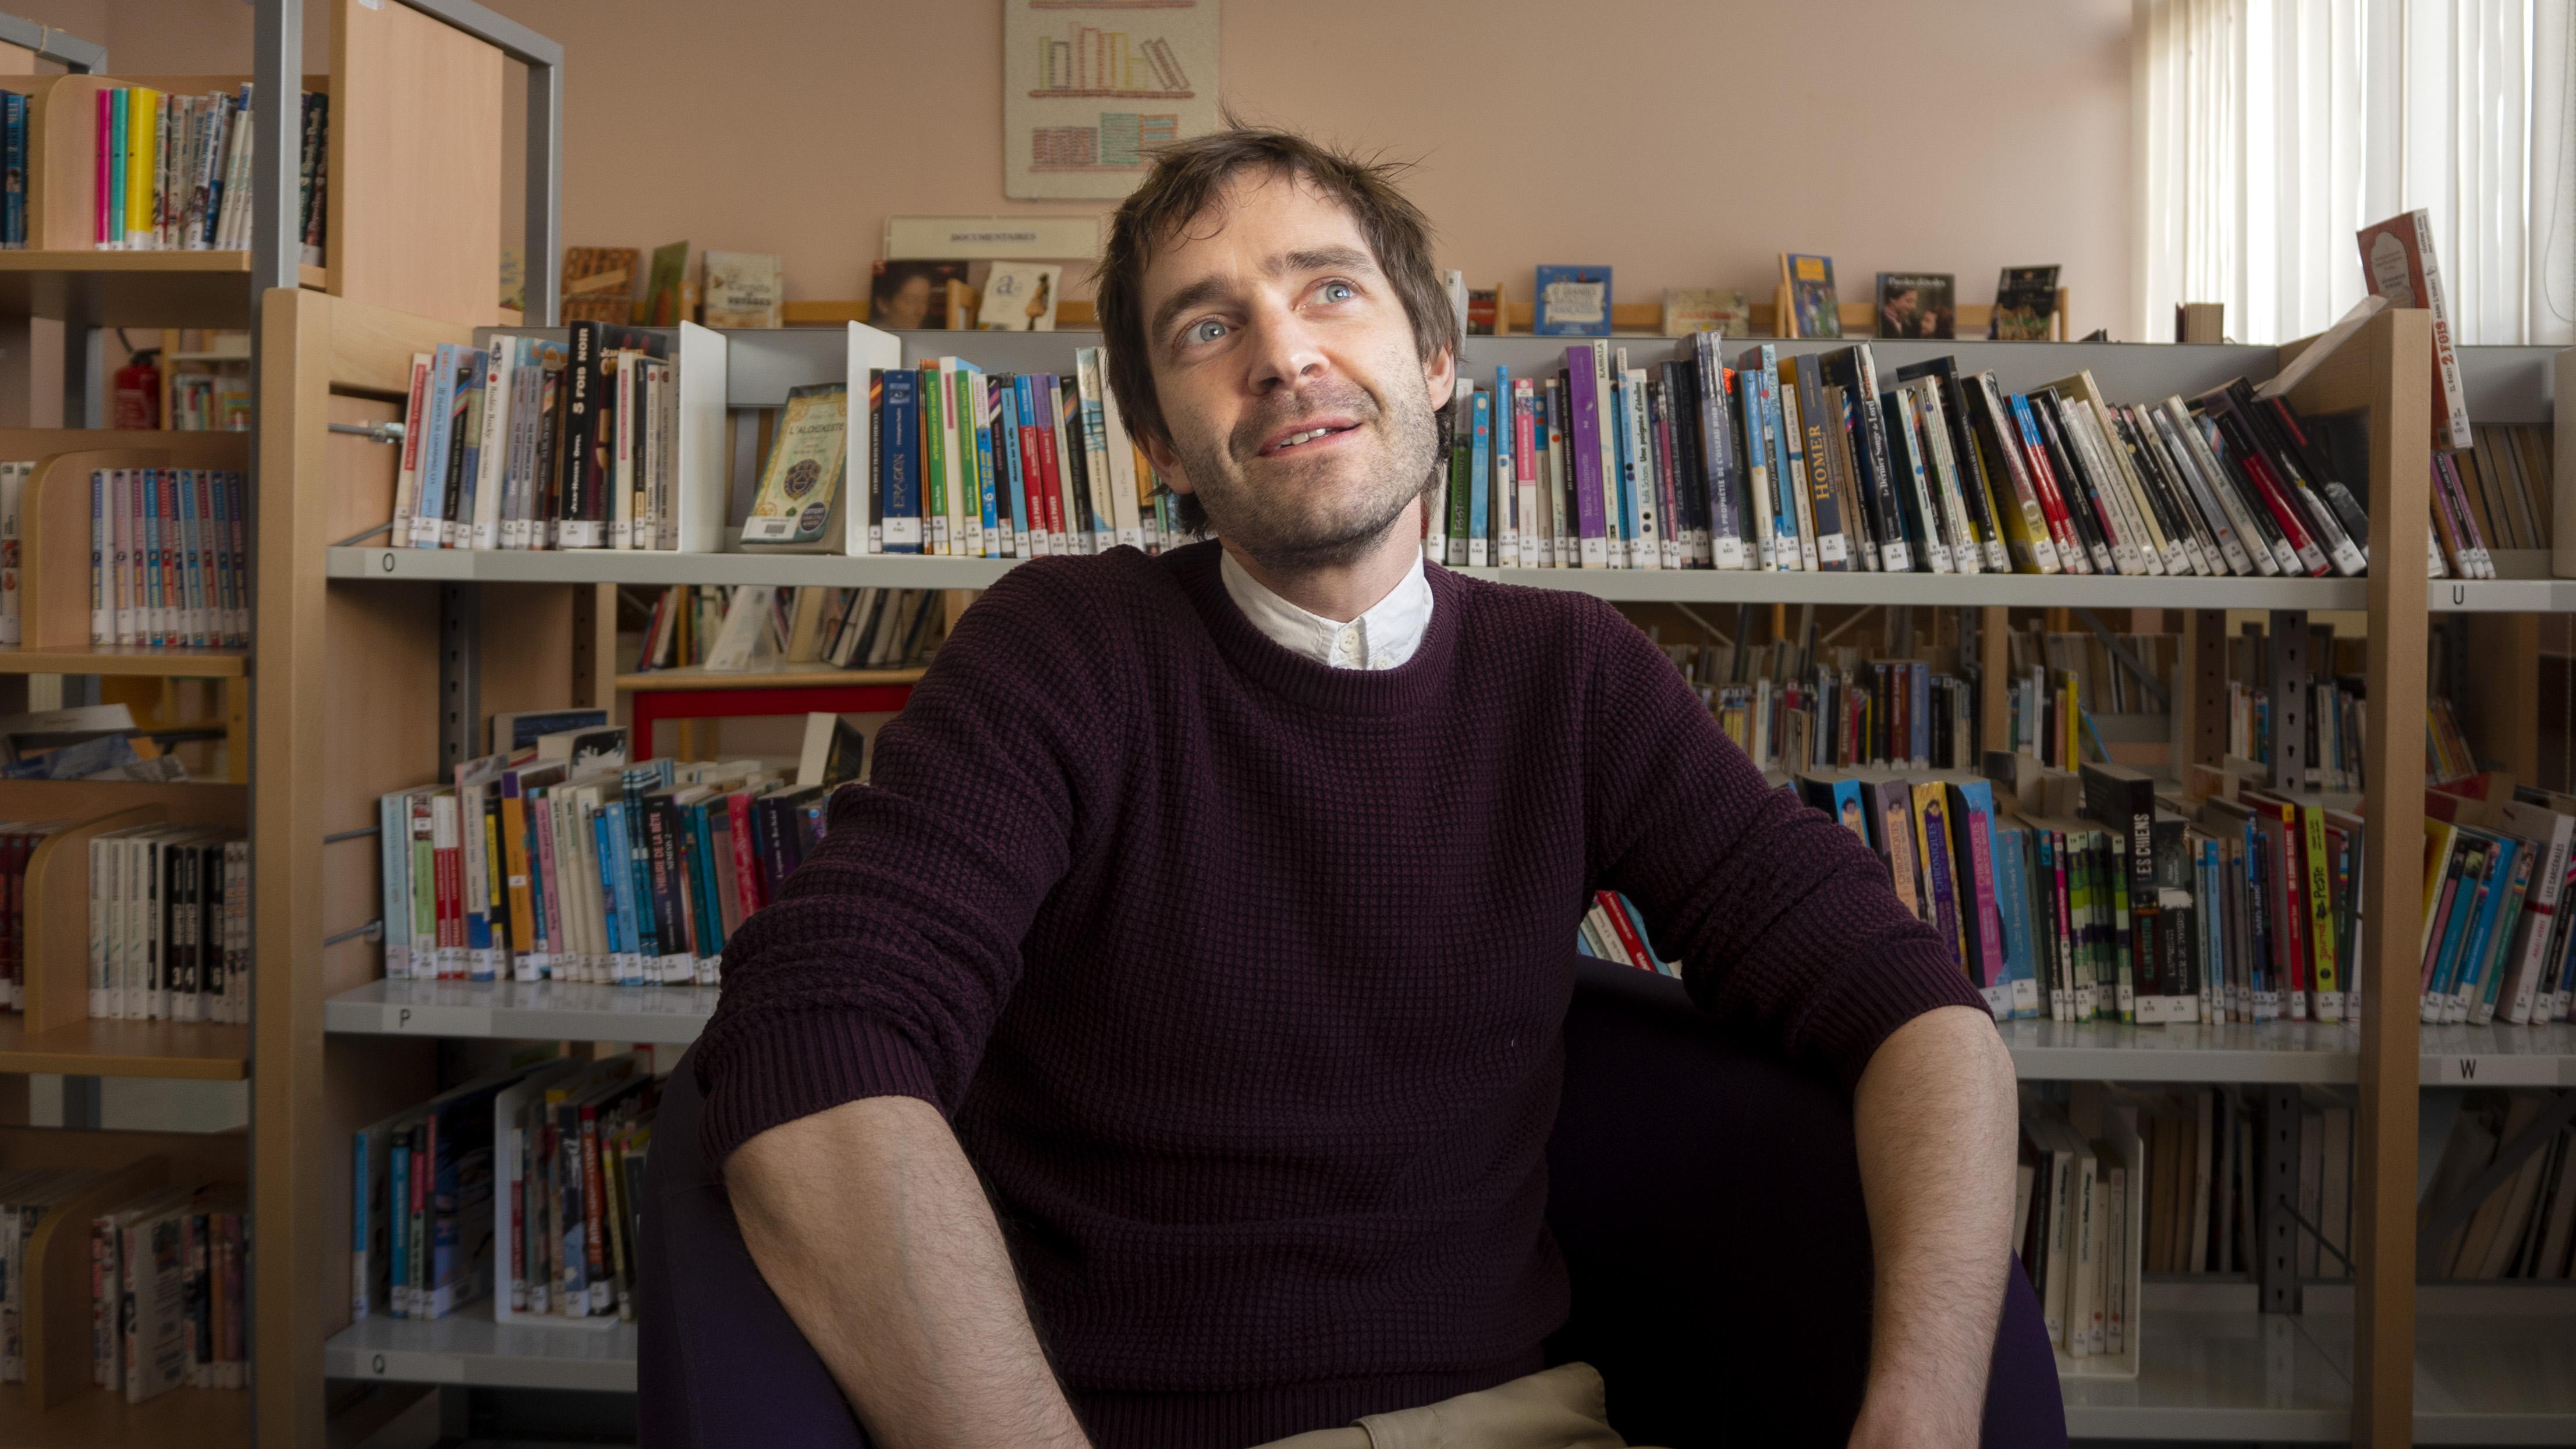 Luc Cerutti au collège Maria Callas de Courtry